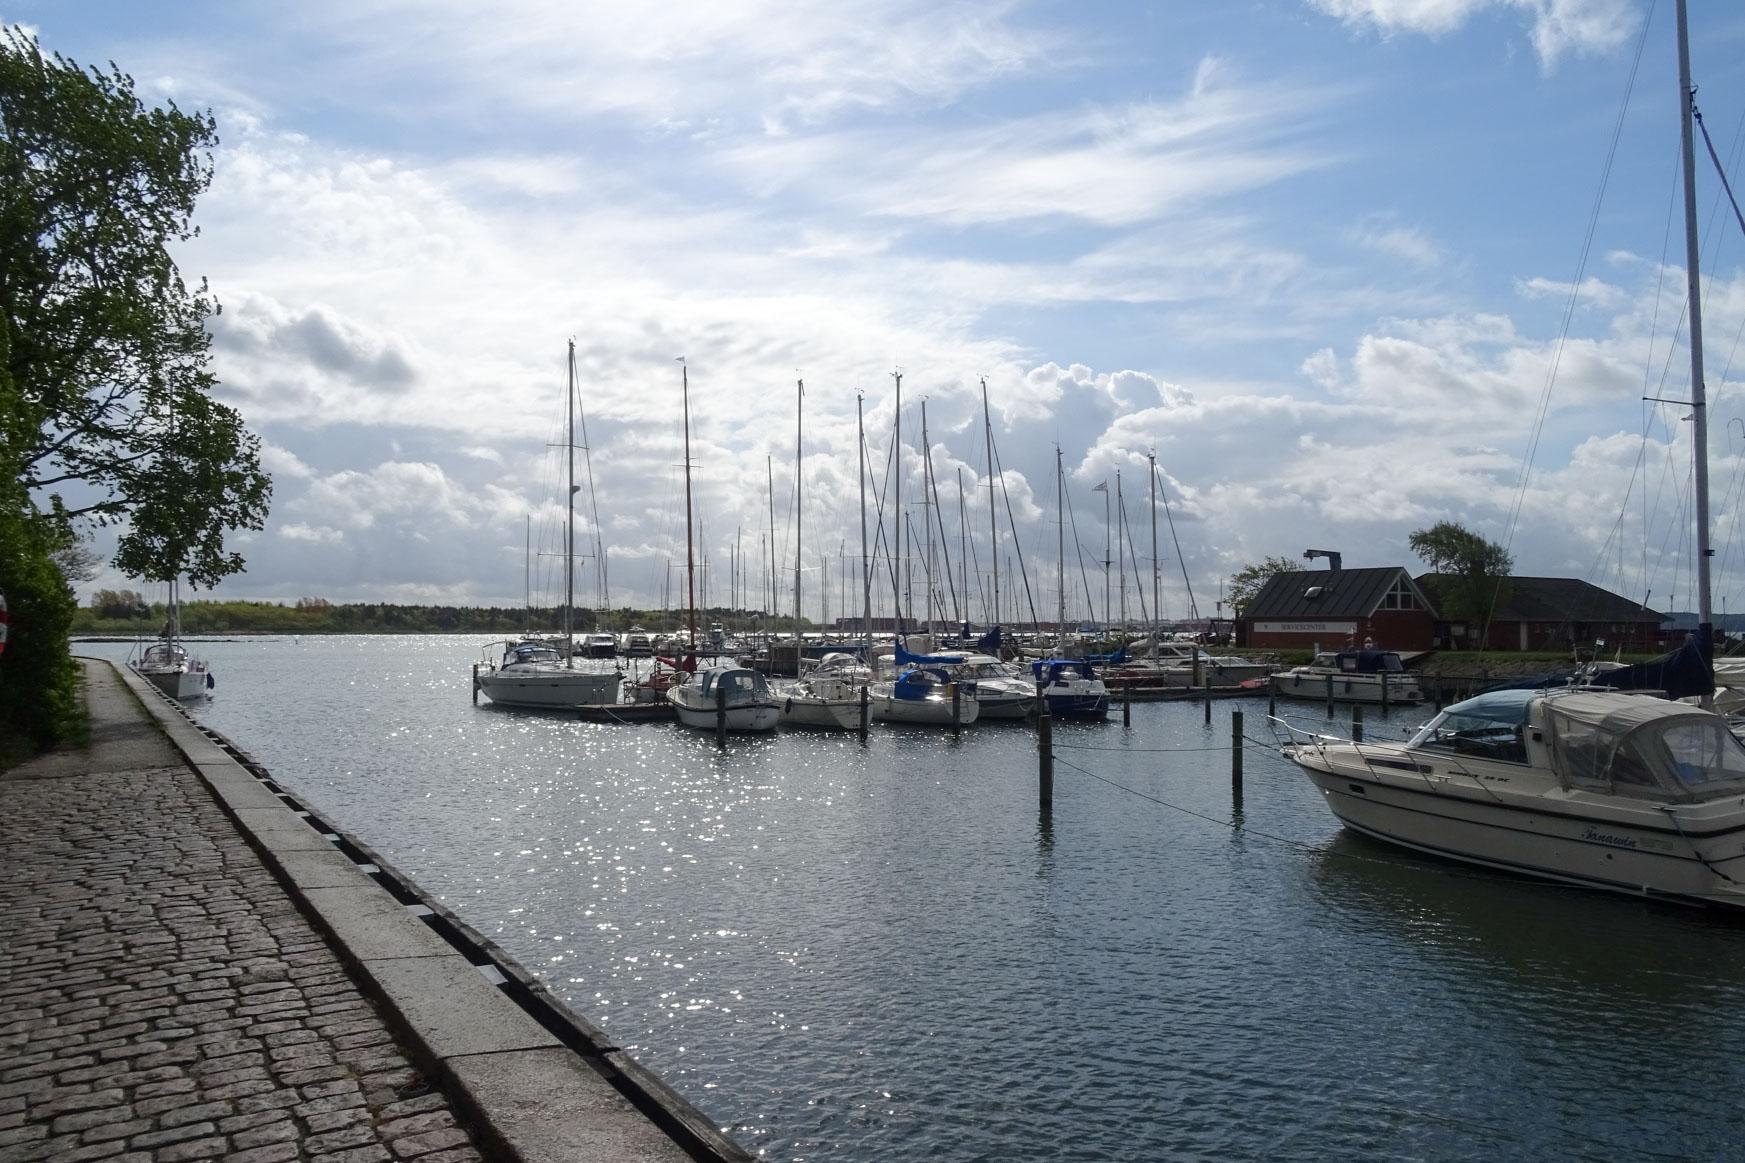 So schön ist es am Hafen von Nykobing ...